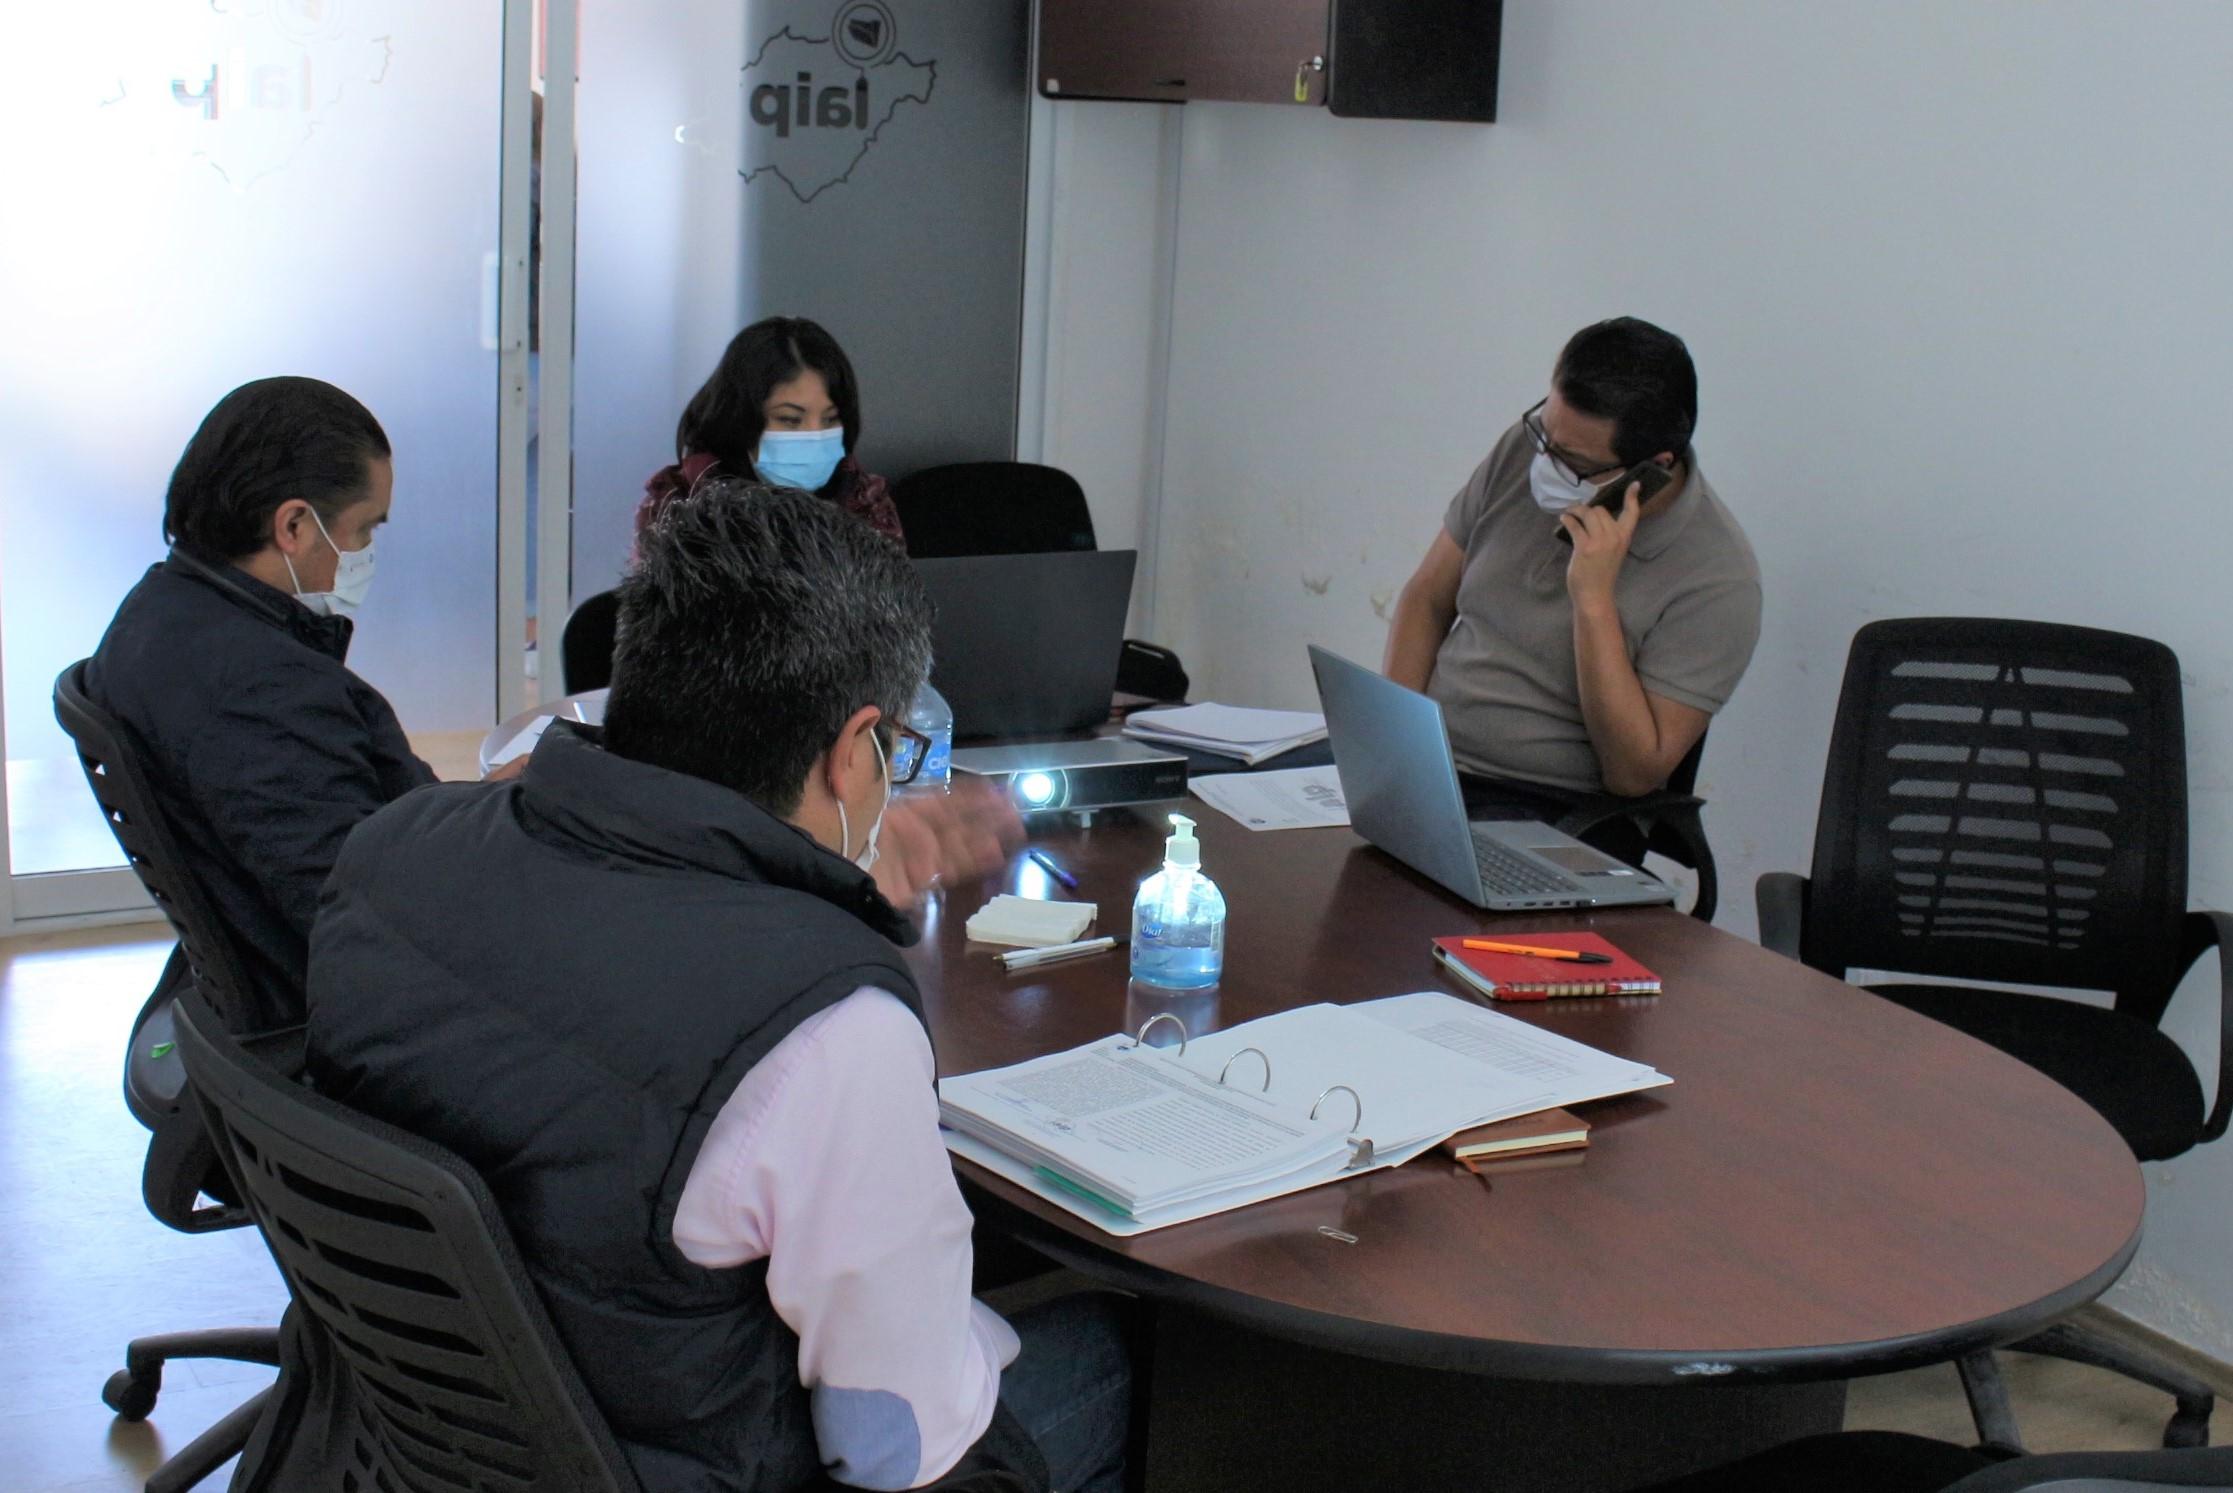 IAIP mantiene regreso gradual a actividades presenciales; establece rol de asistencia a personal